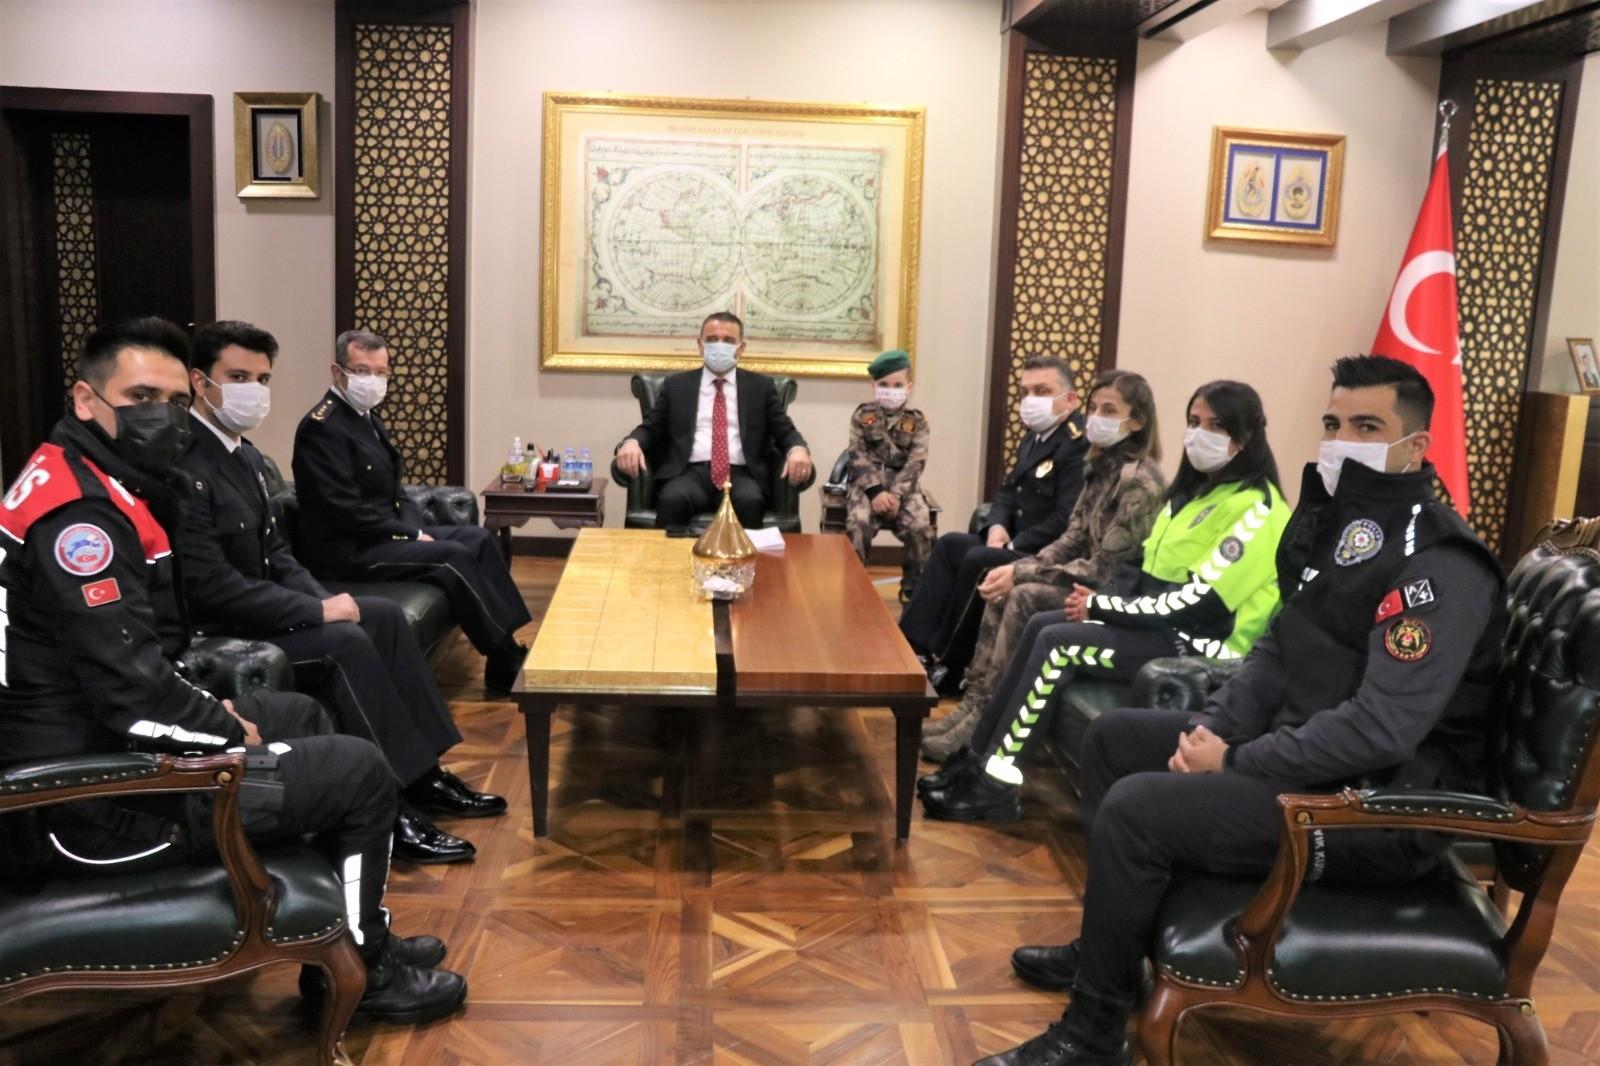 Siirt Valisi Hacıbektaşoğlu, Polis Teşkilatının 176. kuruluş yıl dönümünü kutladı